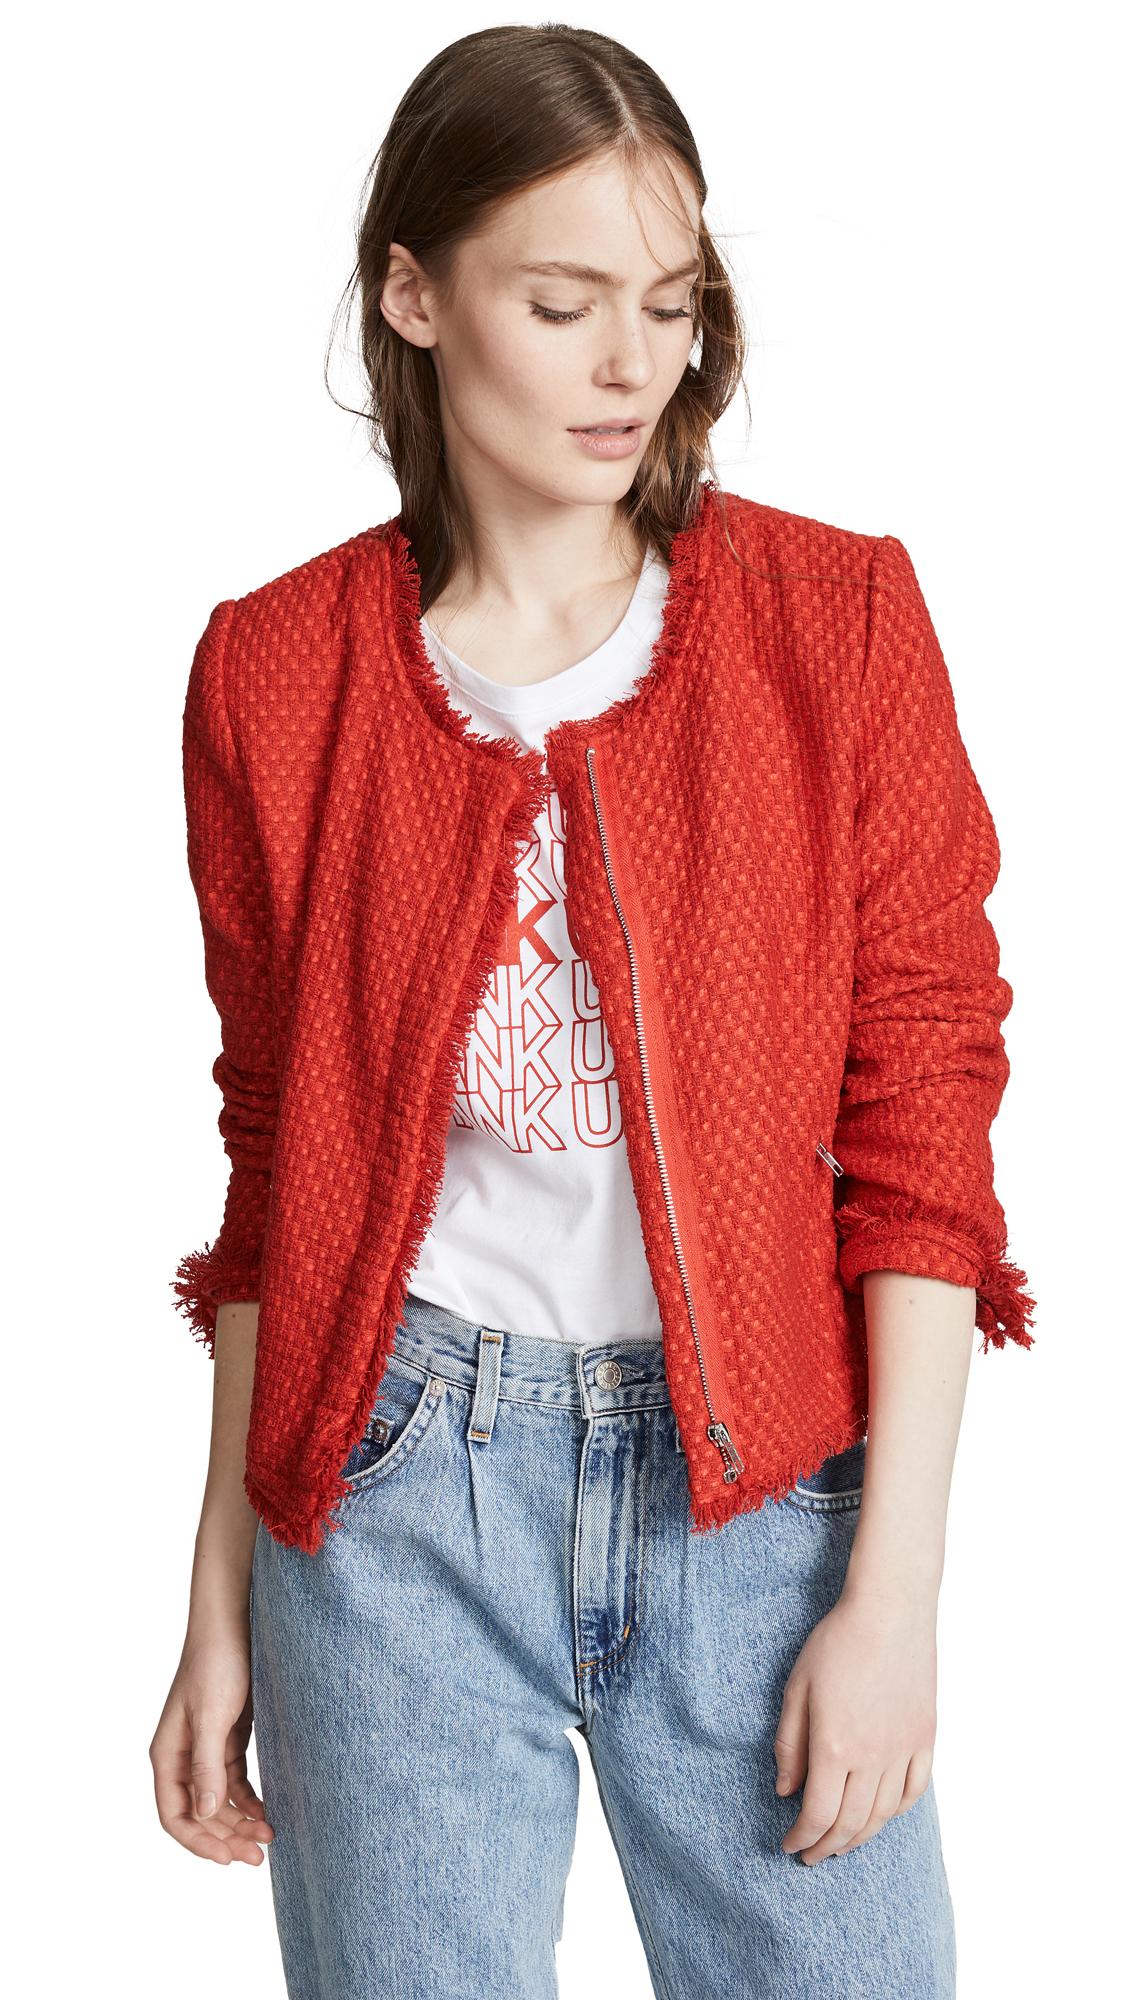 BB Dakota Feeling Fancy Tweed Jacket - Berry Red